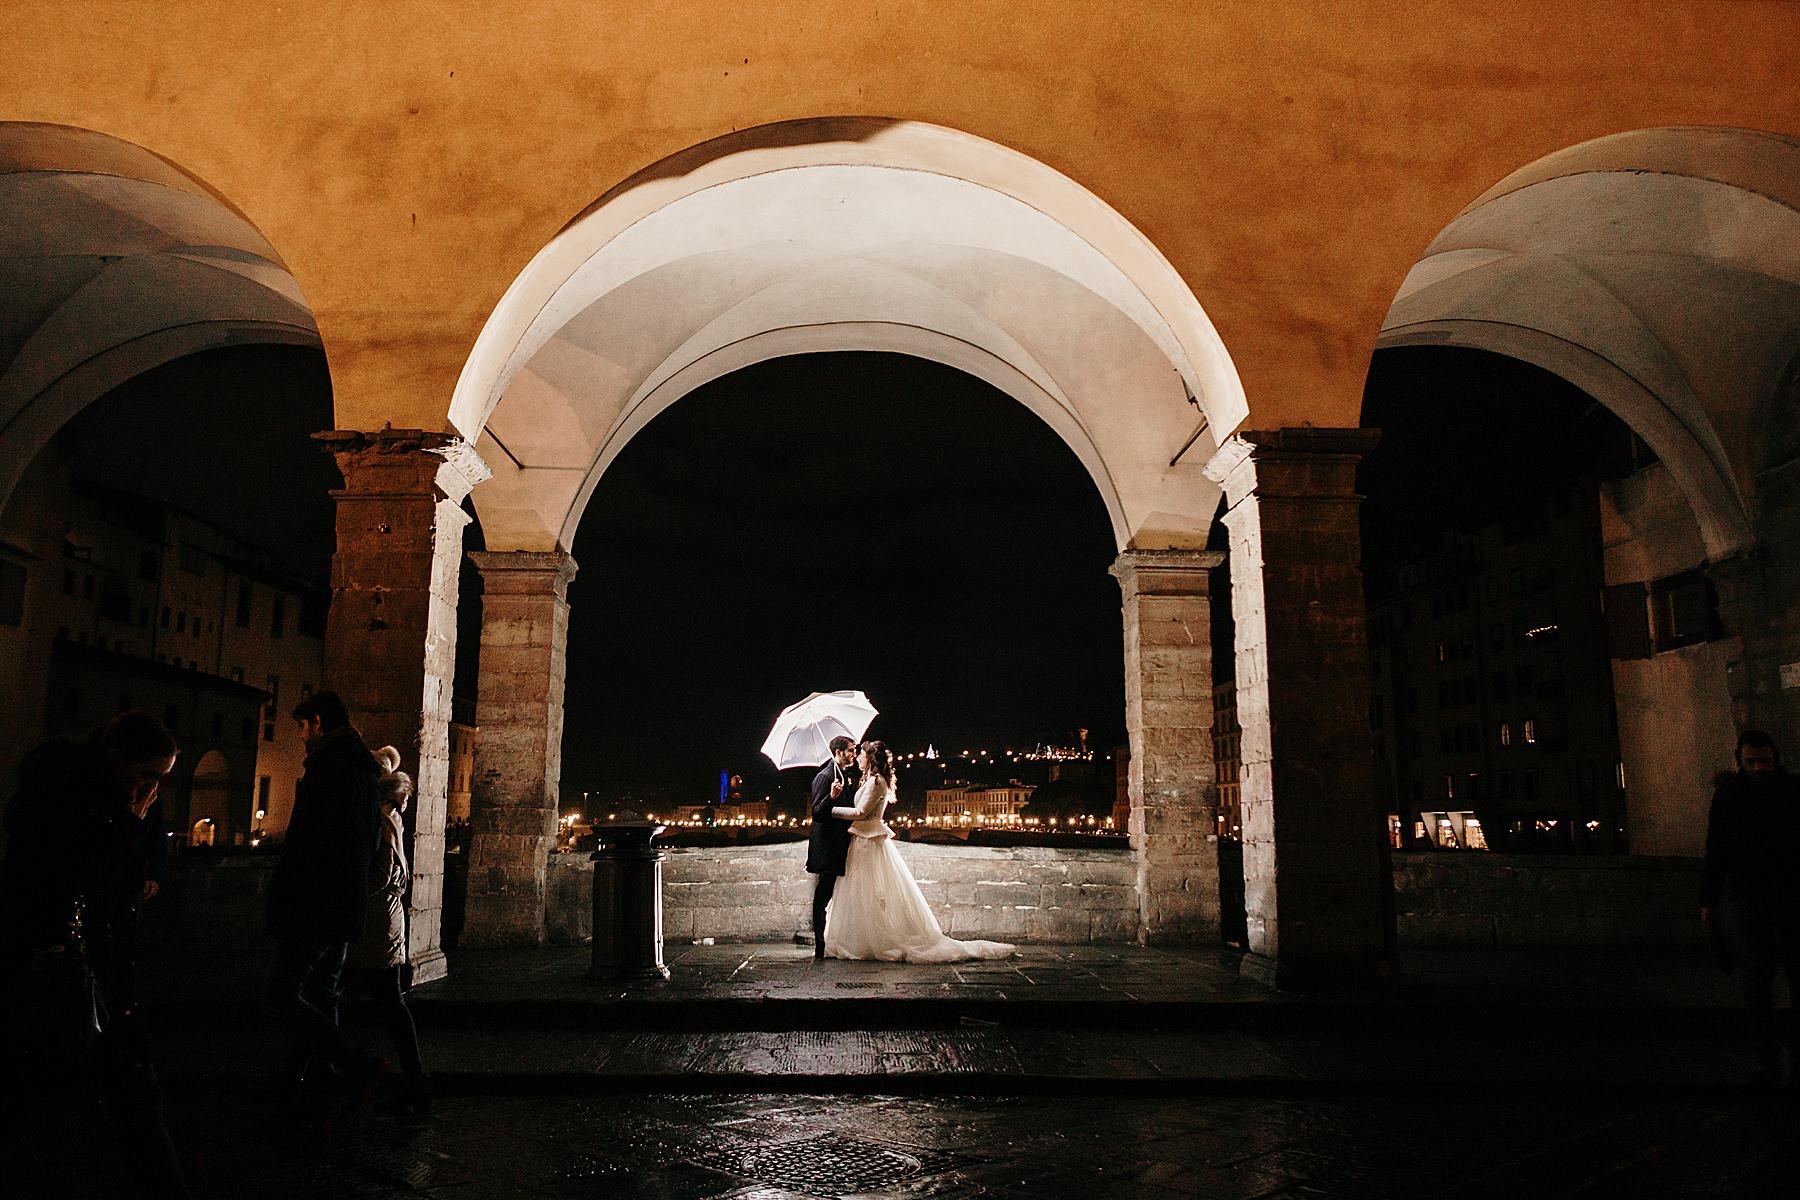 fotografia-di-matrimonio-a-firenze-in-inverno-774.JPG